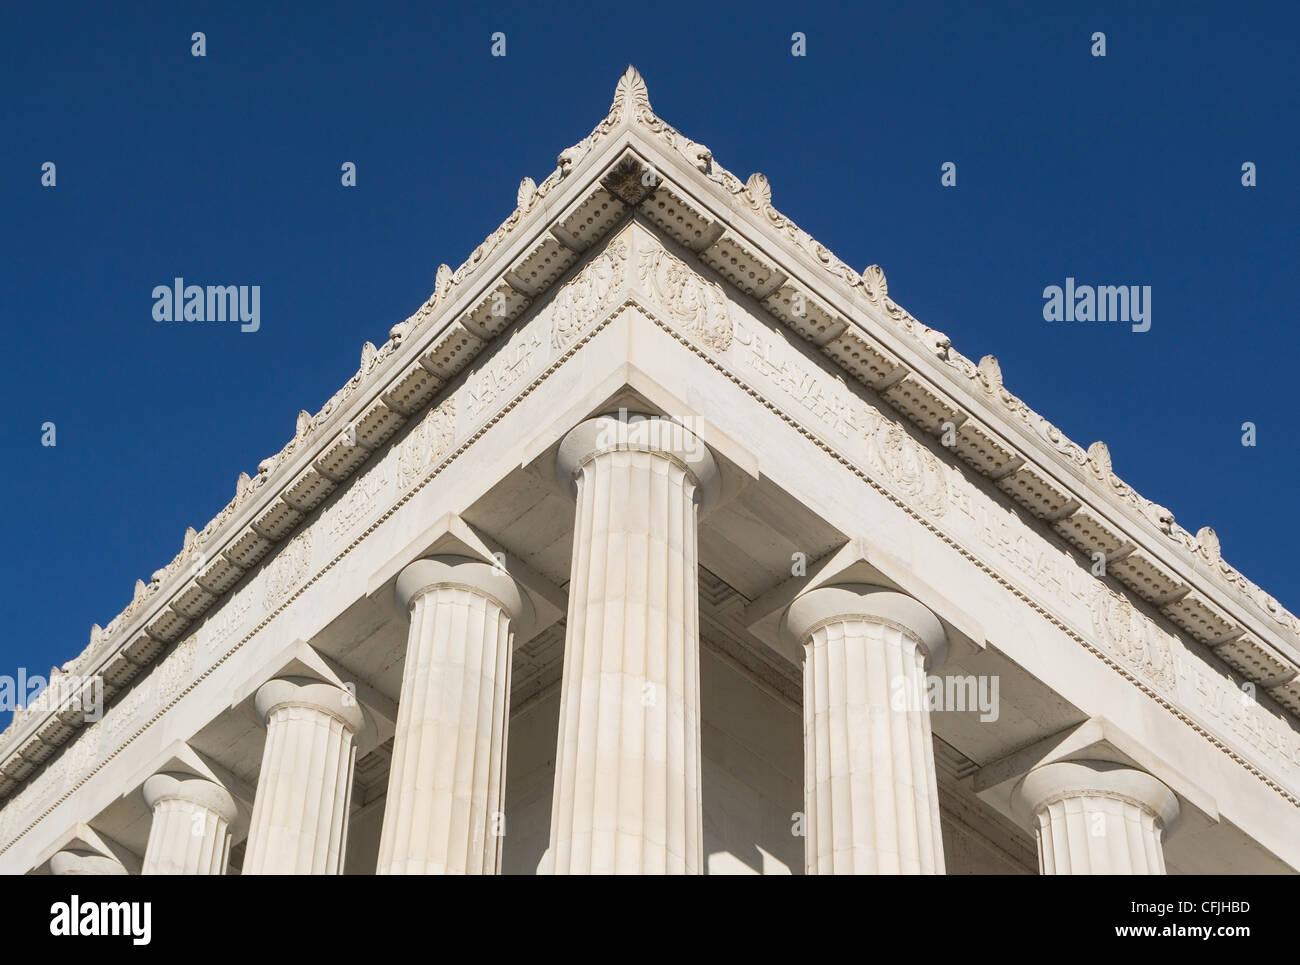 Detalle de la esquina del Lincoln Memorial, Washington DC, EE.UU. Imagen De Stock